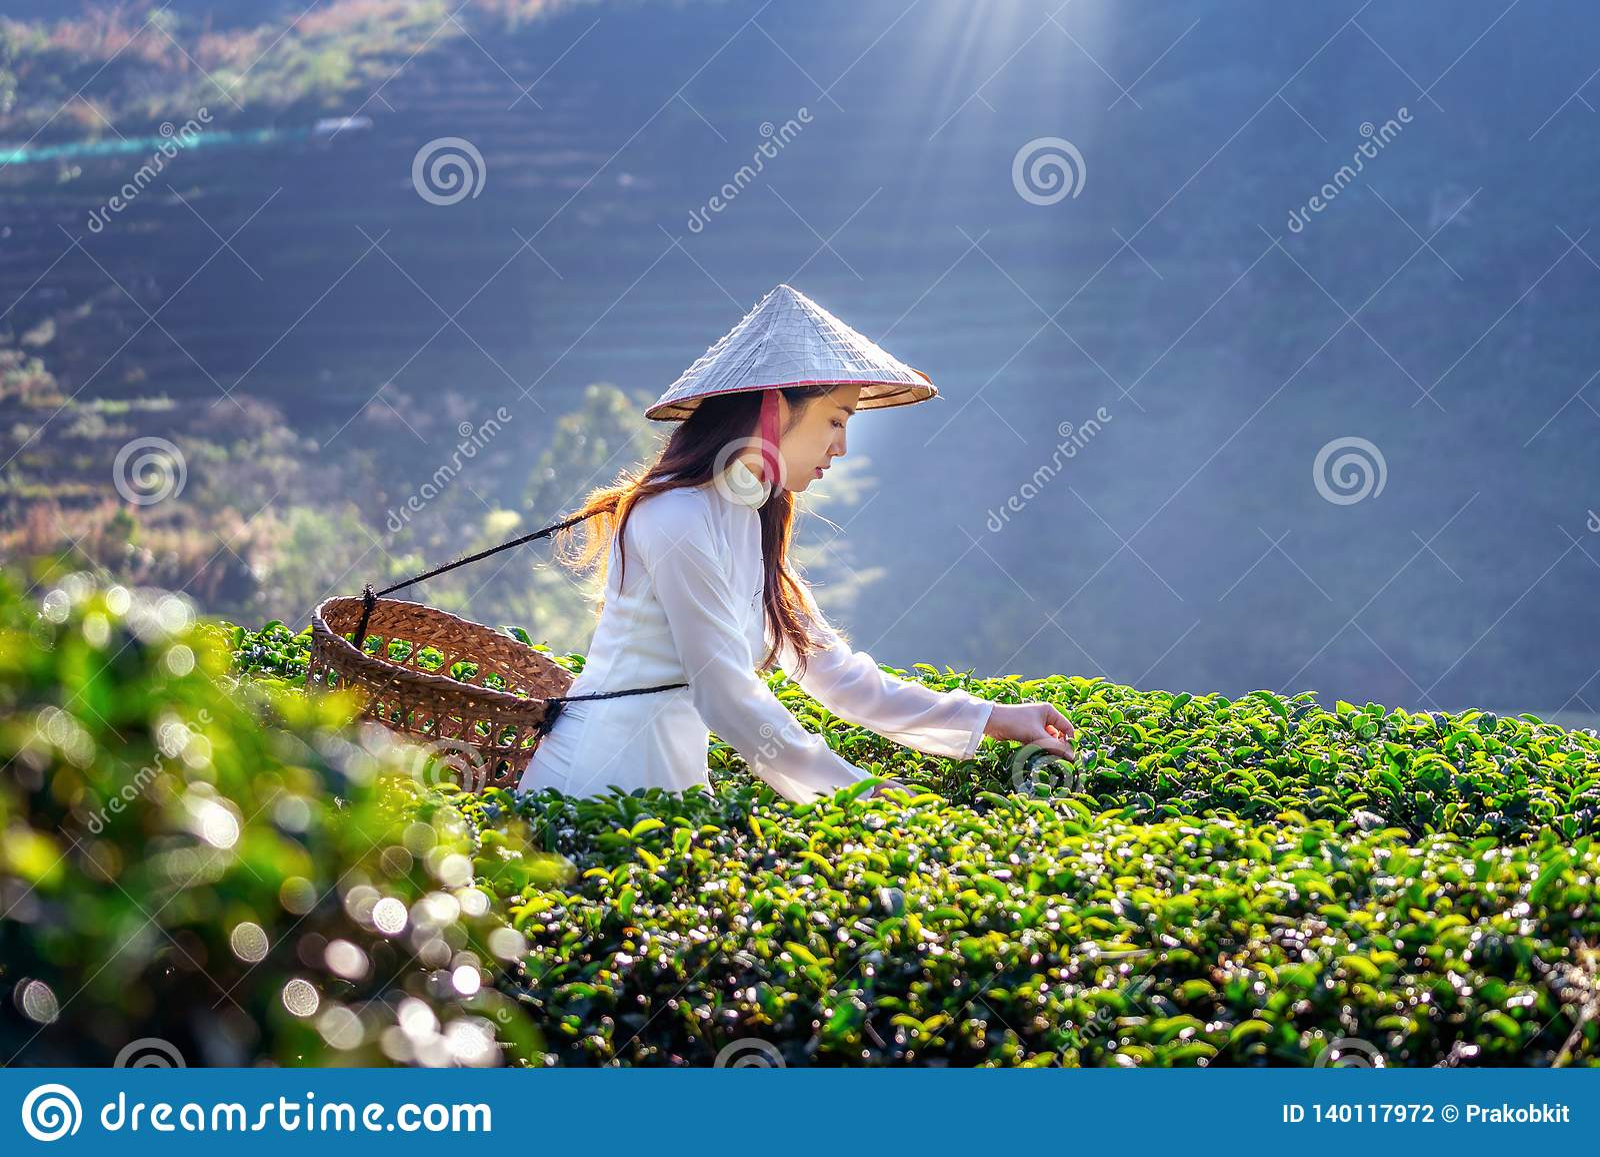 Aziatische vrouw die de cultuur van Vietnam traditioneel op groen theegebied dragen